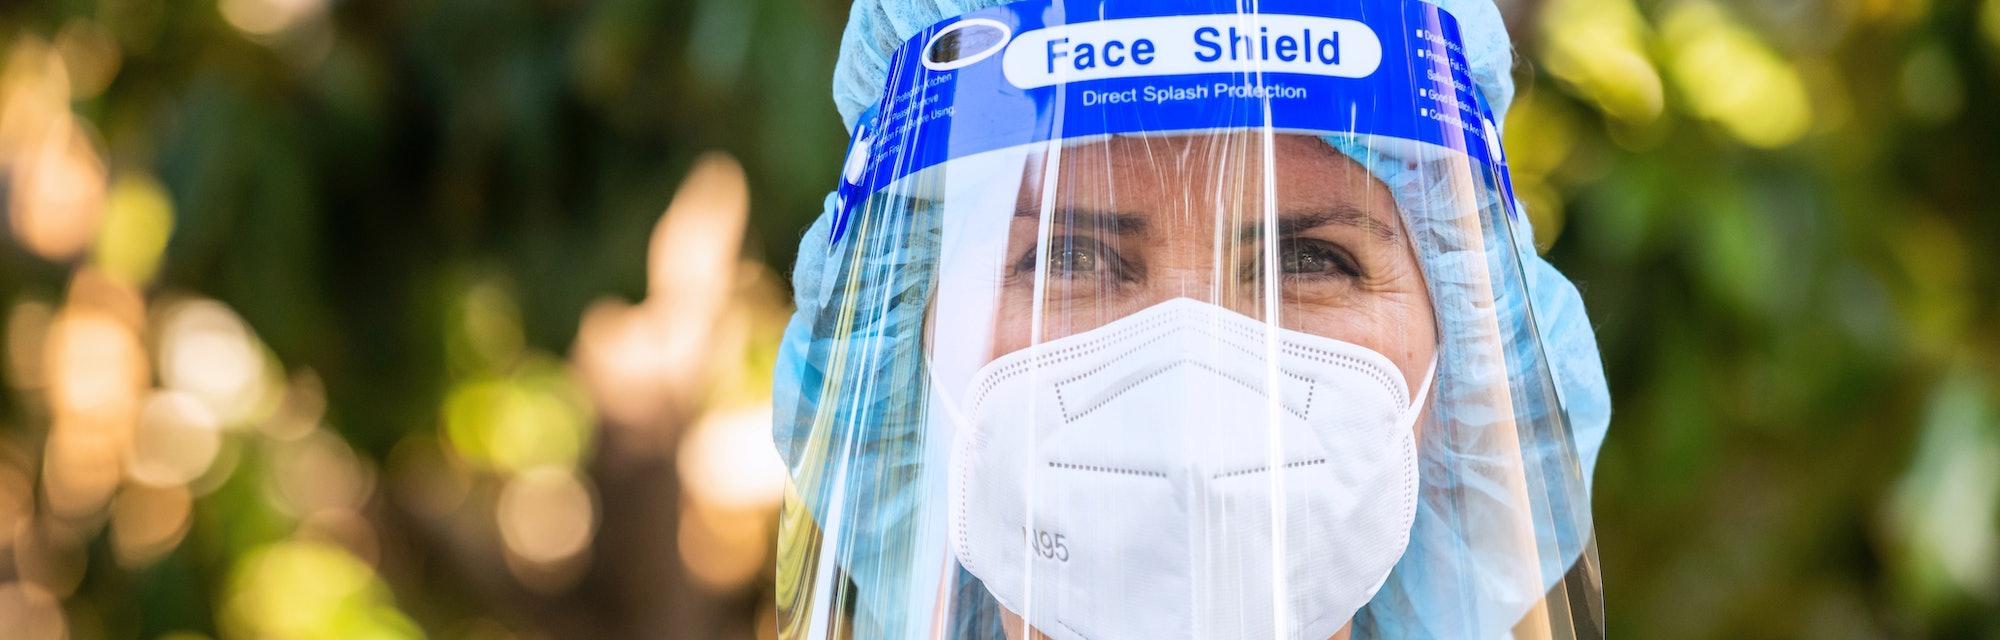 Hospital worker wearing a face shield.